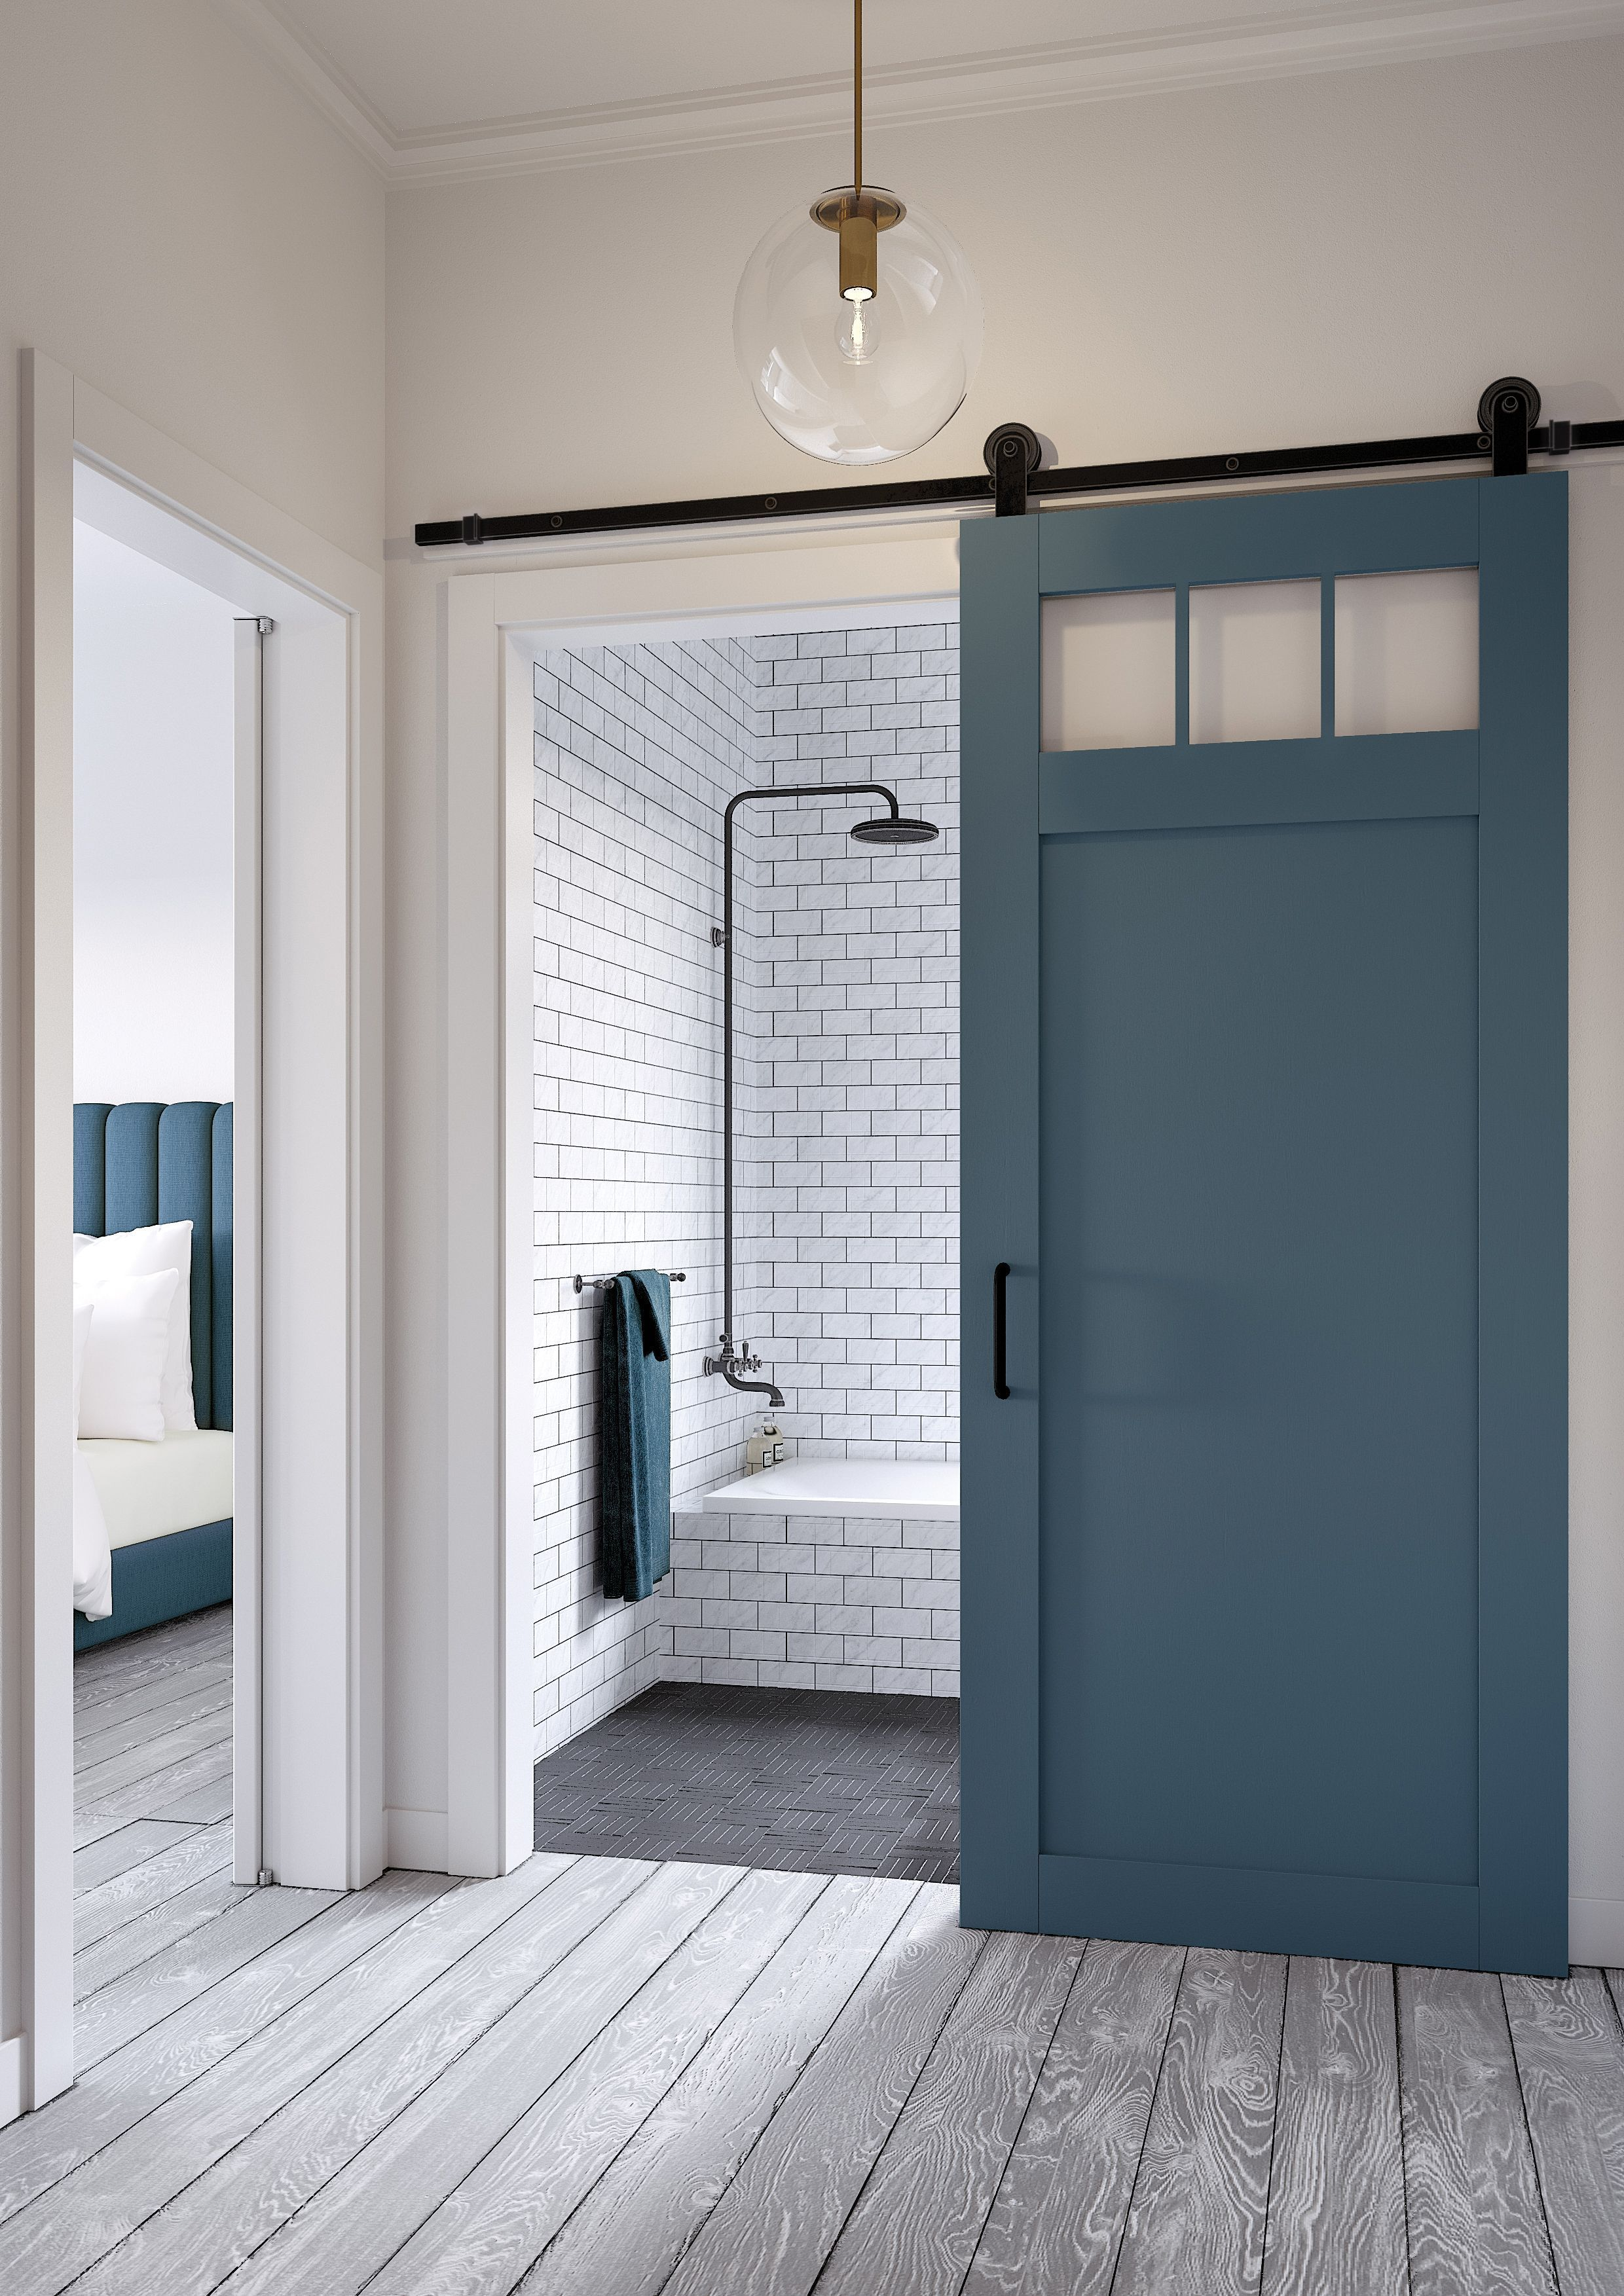 Masonite Jeff Lewis Barn Door | Interior Barn Doors | Pinterest ...